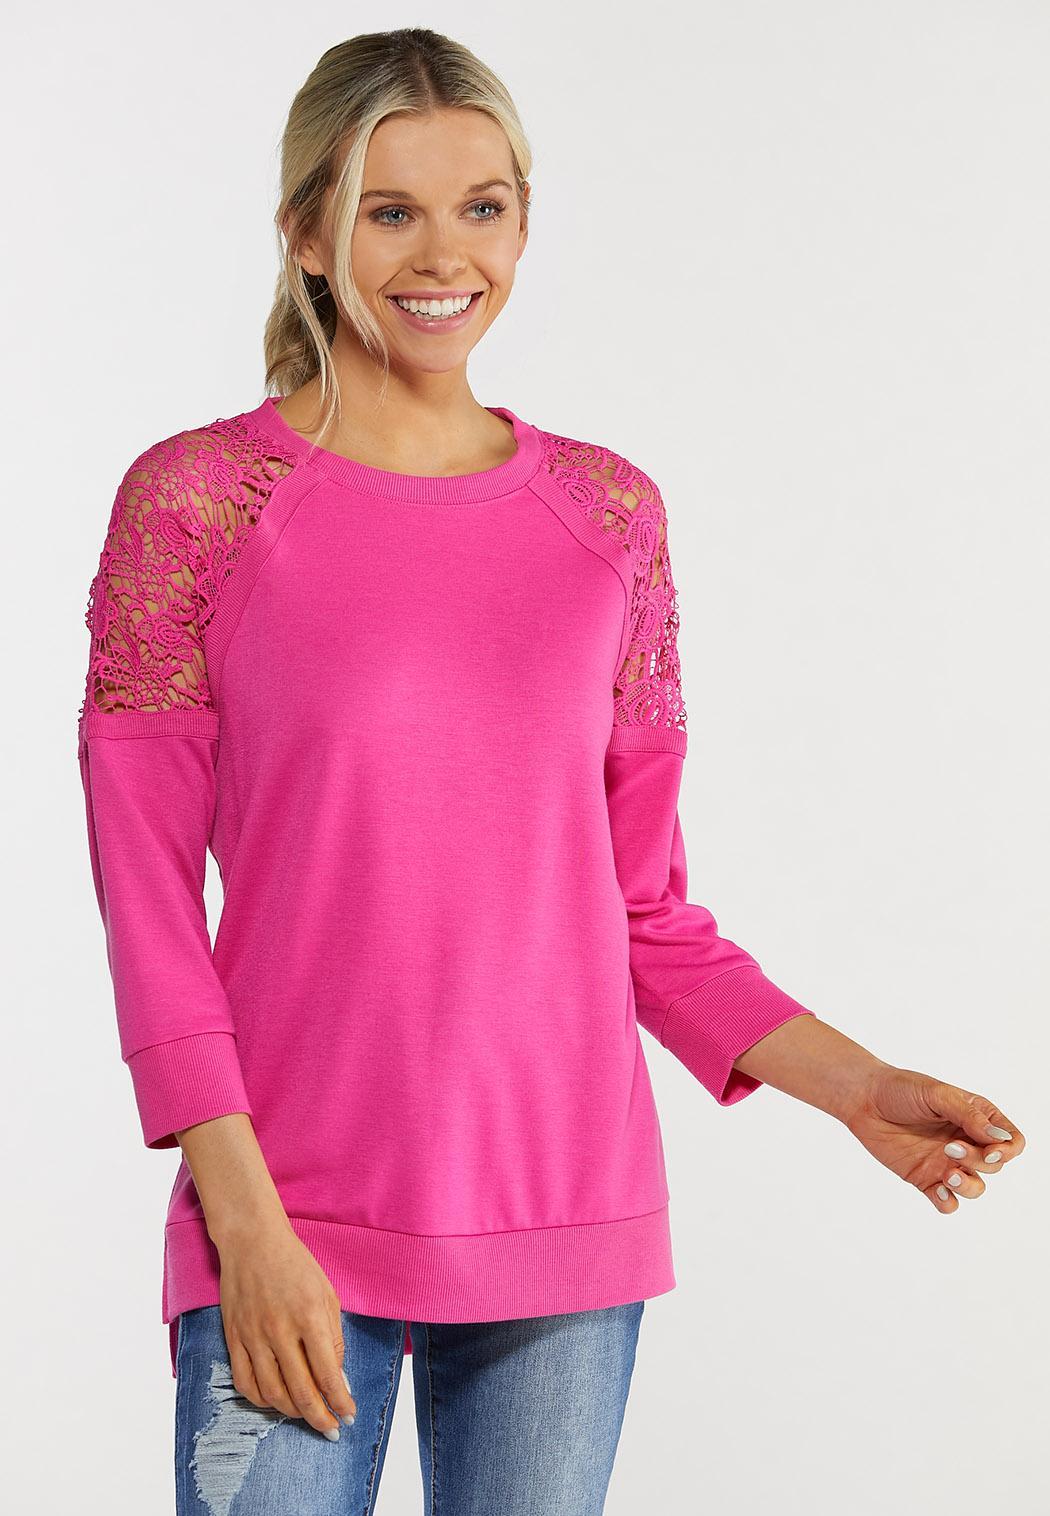 Crochet Sleeve Sweatshirt